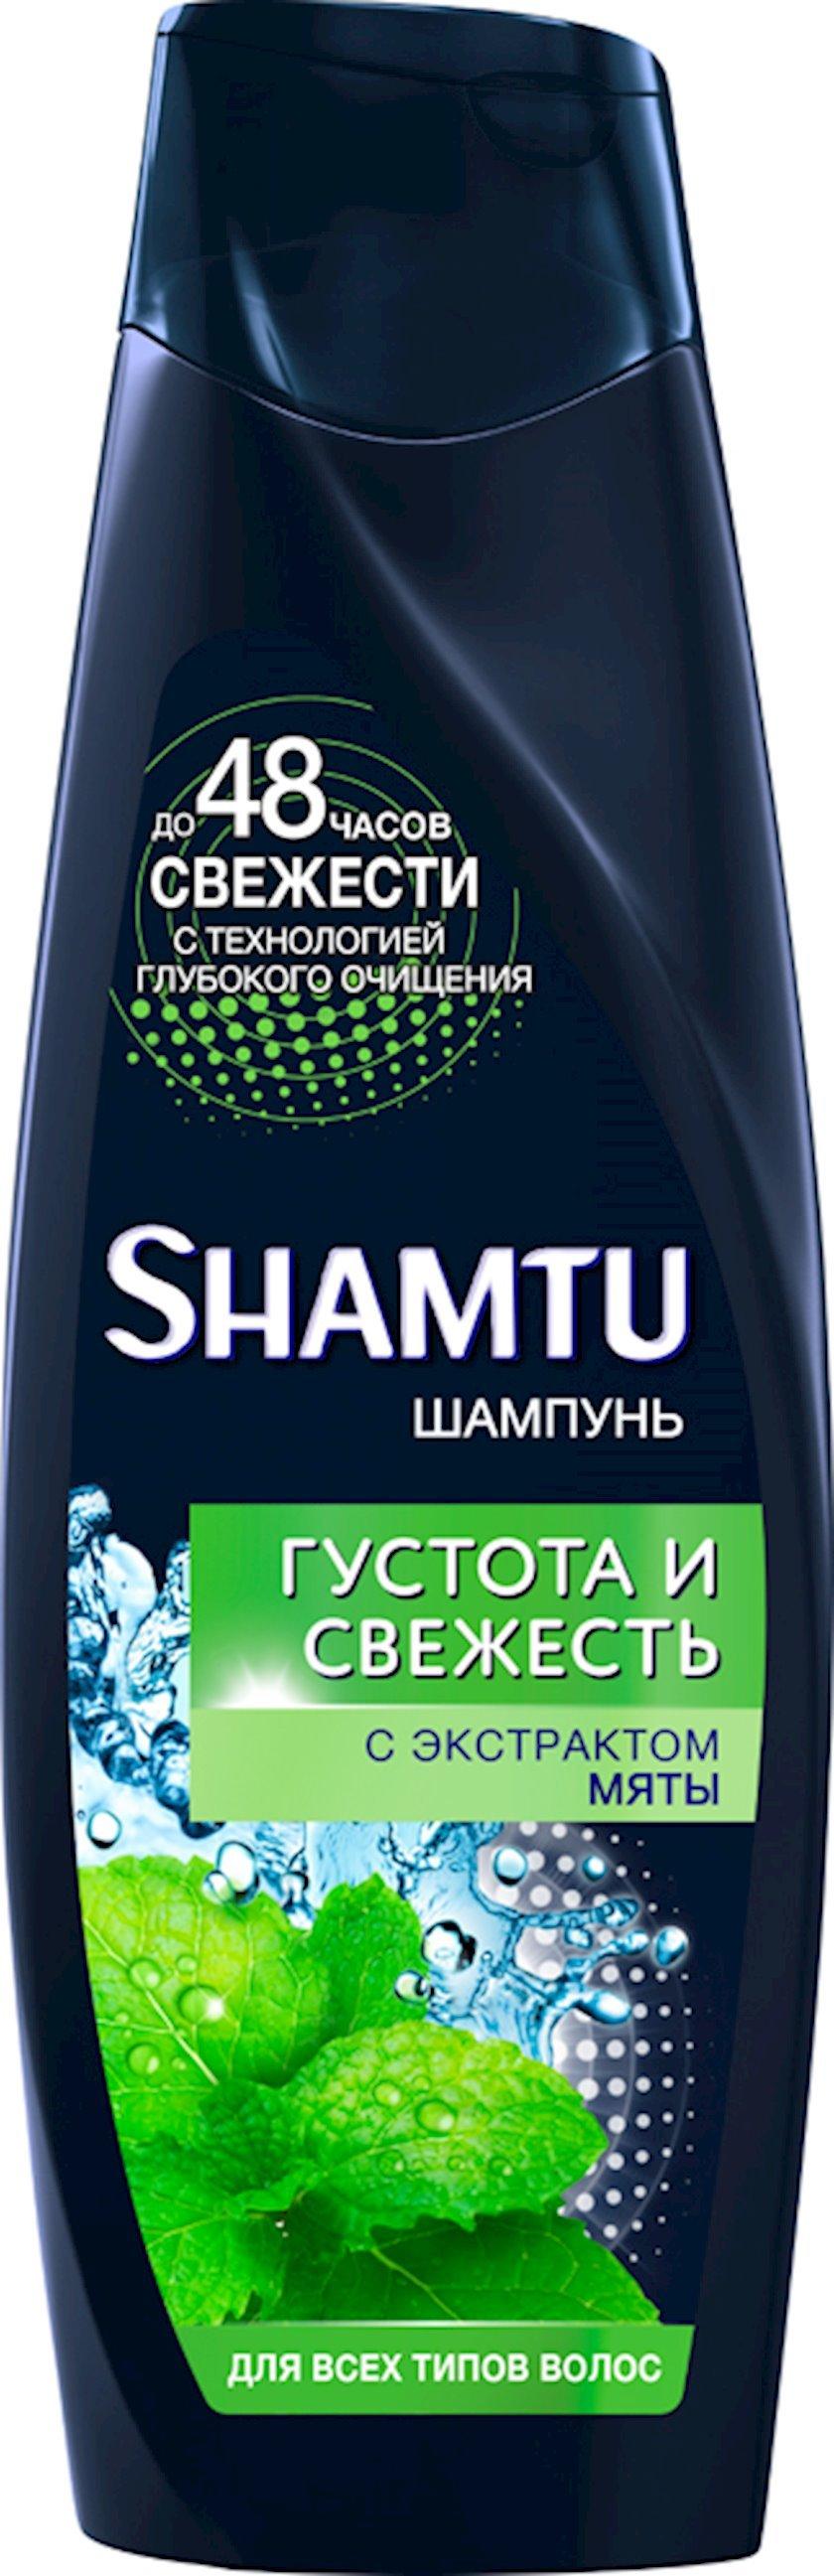 Şampun 100% kişilər üçün mentol təravətin həcmi, bütün saç tipləri üçün Shamtu 360 ml